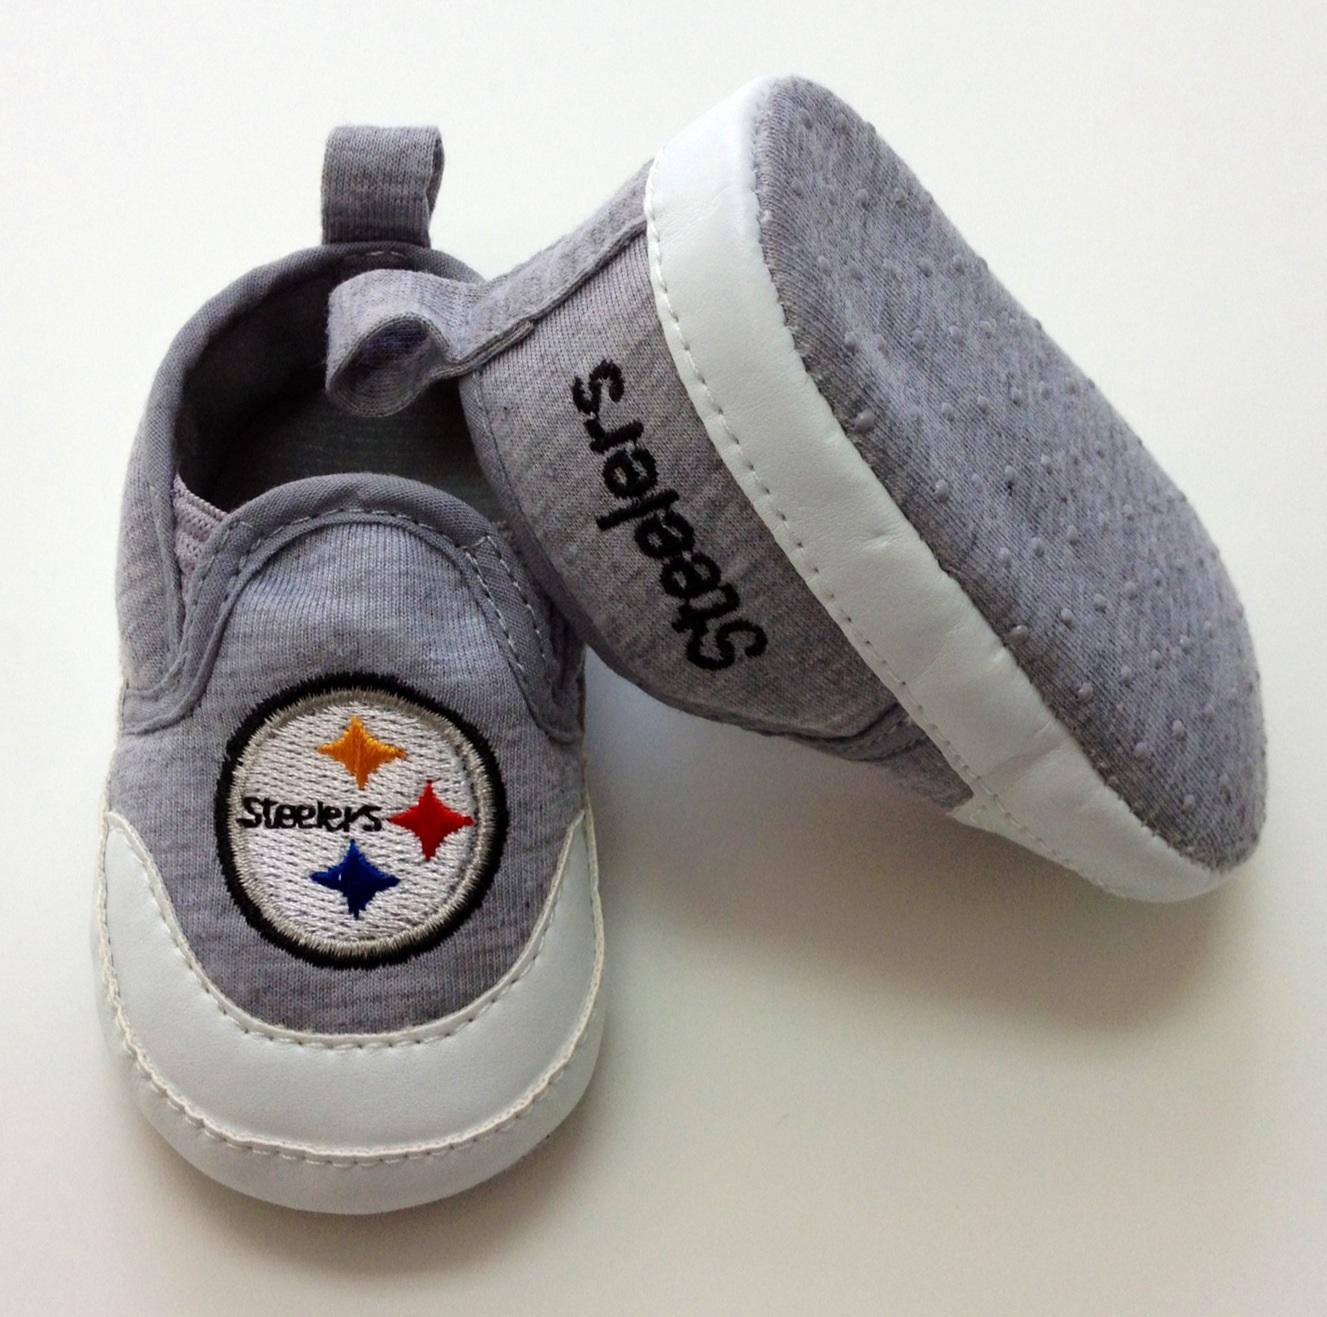 nfl-steelers-pre-walker-shoes-j.jpg